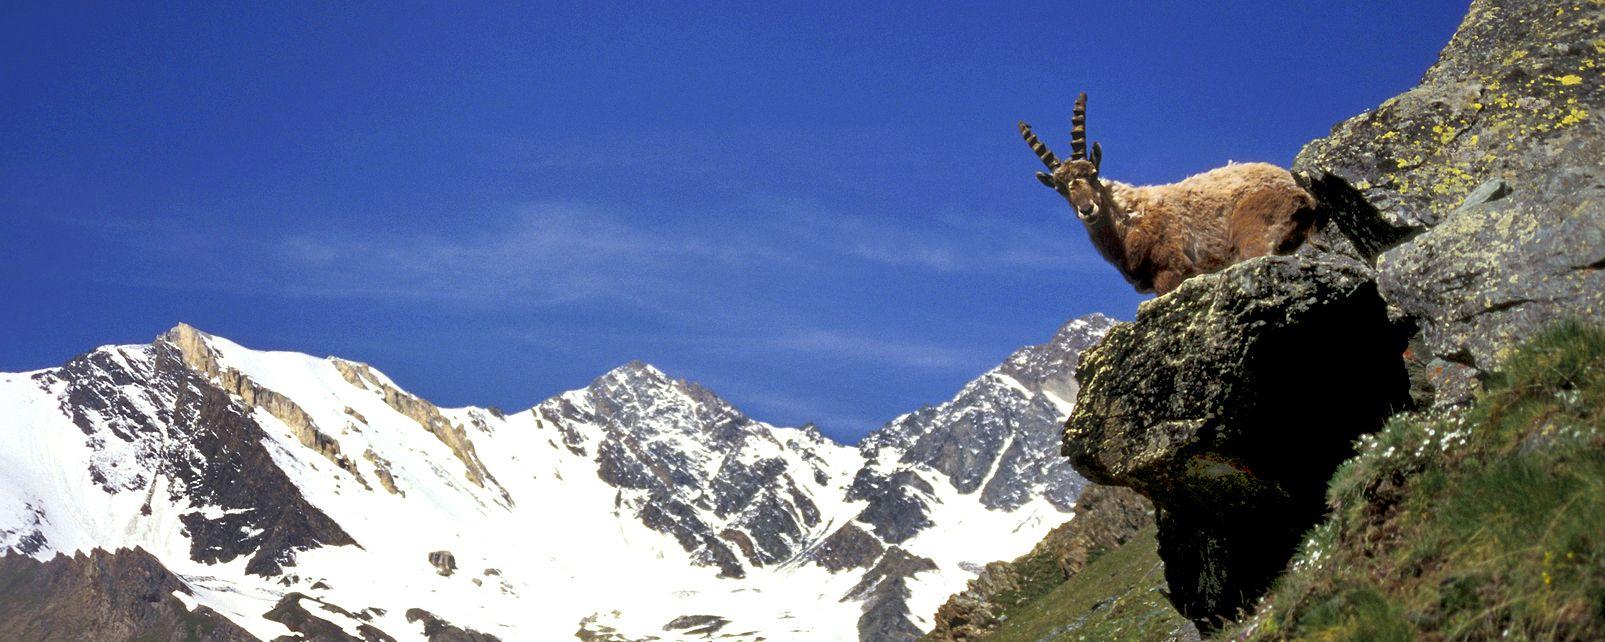 Parc Naturel Rgional Du Vercors Rhne Alpes France